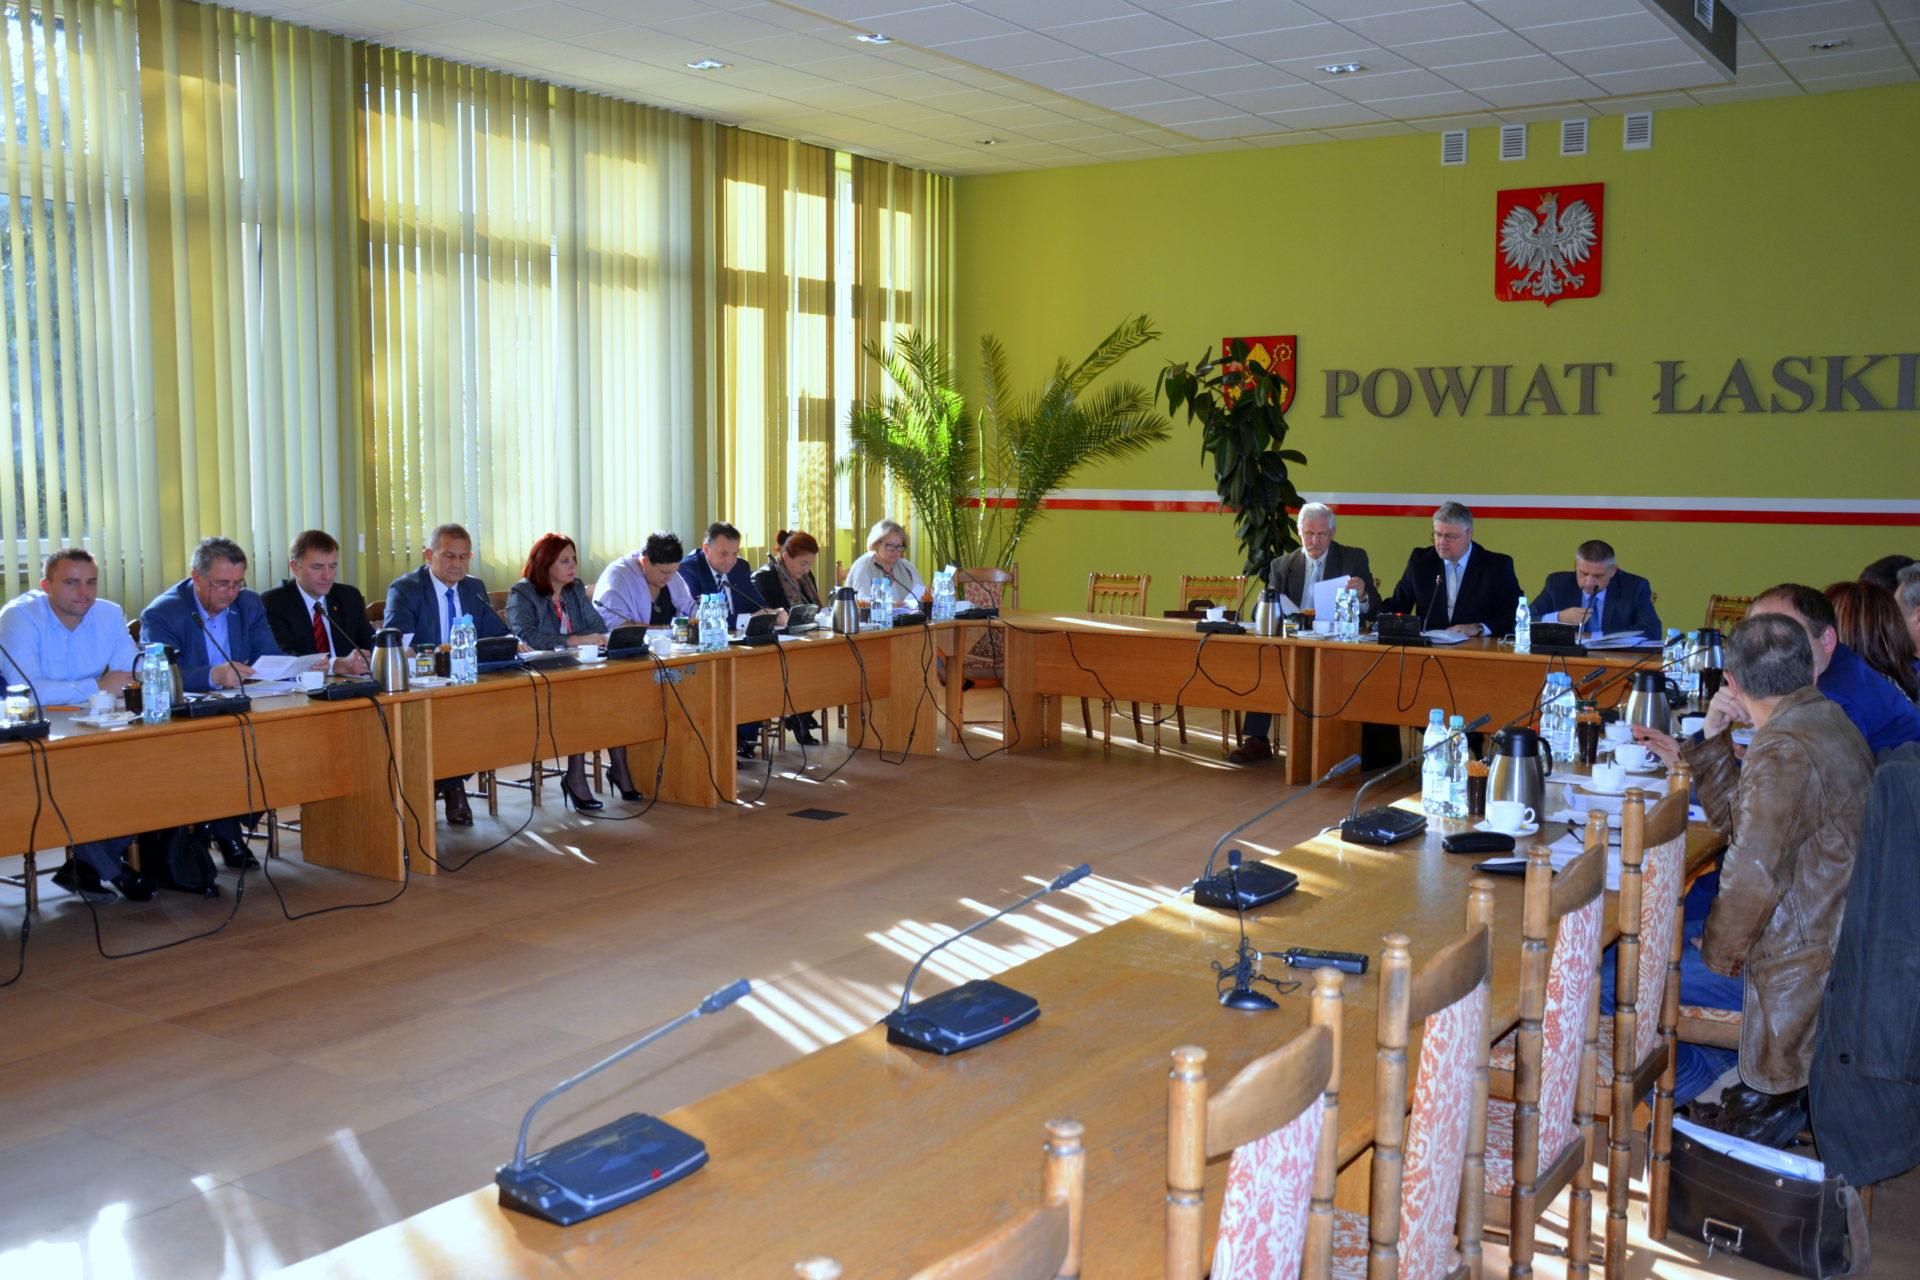 XVIII sesja Rady Powiatu Łaskiego